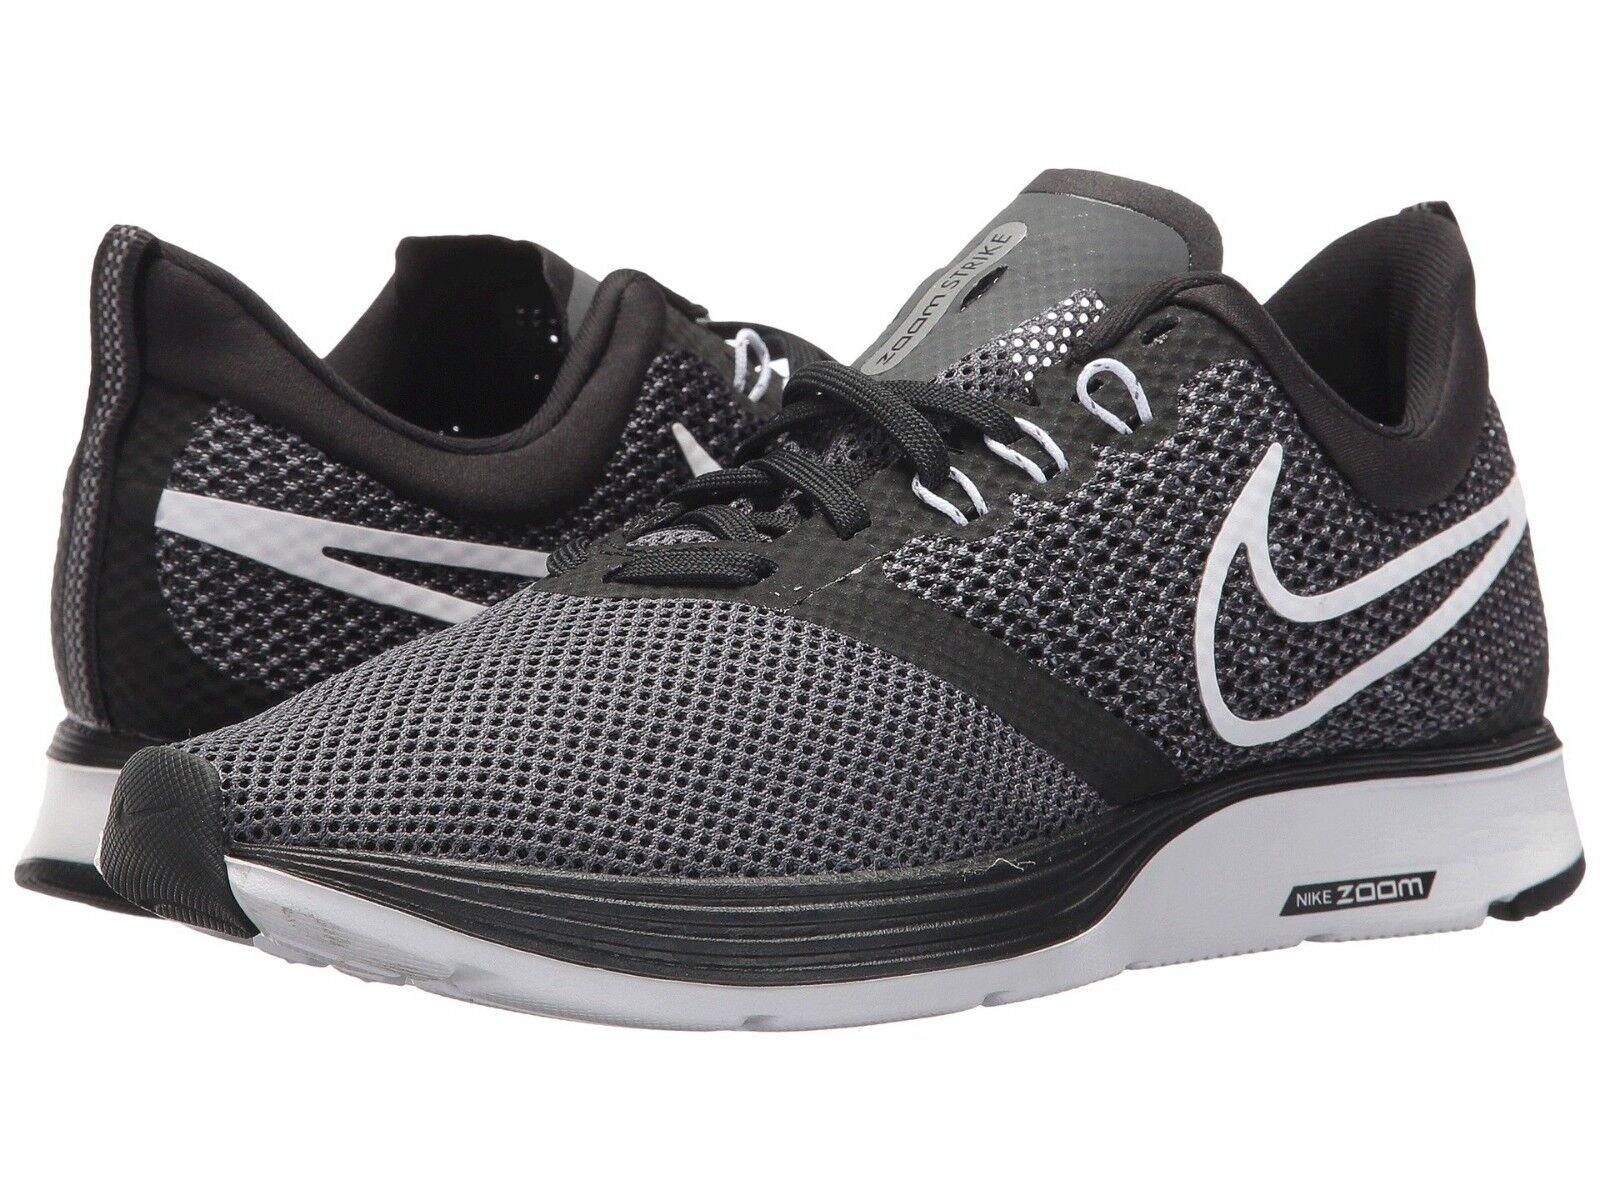 d5eb3fa9643e Women s Women s Women s Nike Zoom Strike Running Shoes